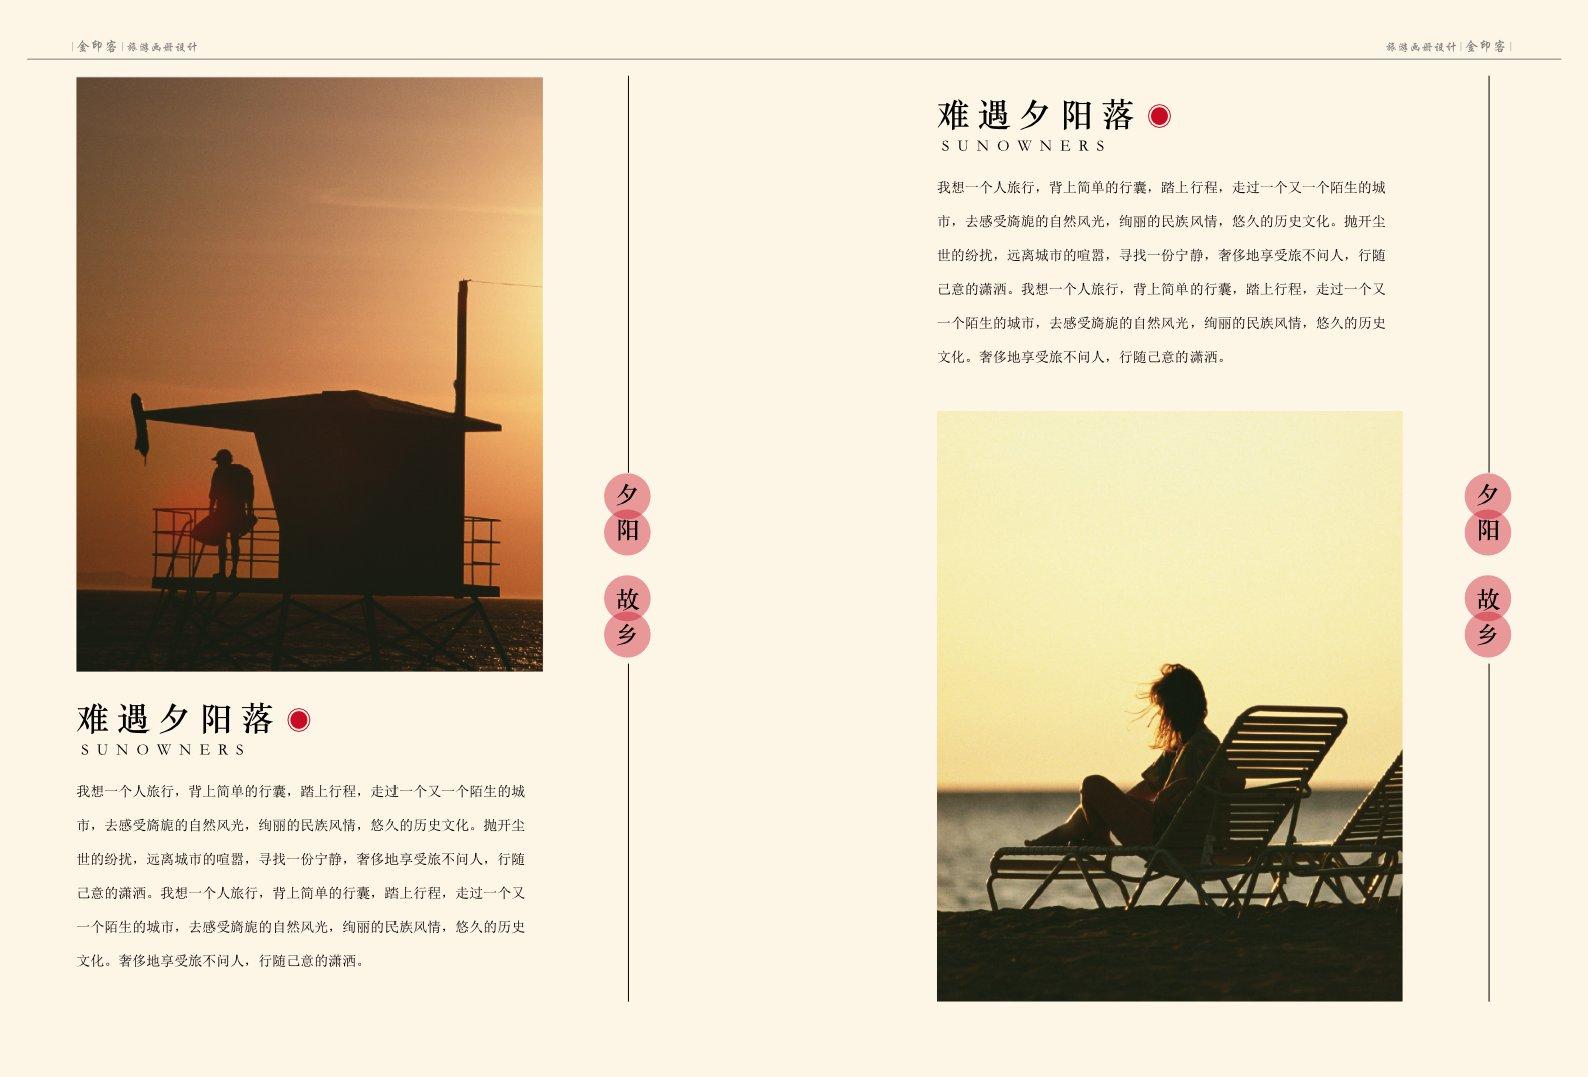 书籍收藏版式基础知识,建议排版维罗纳v书籍景观设计图片